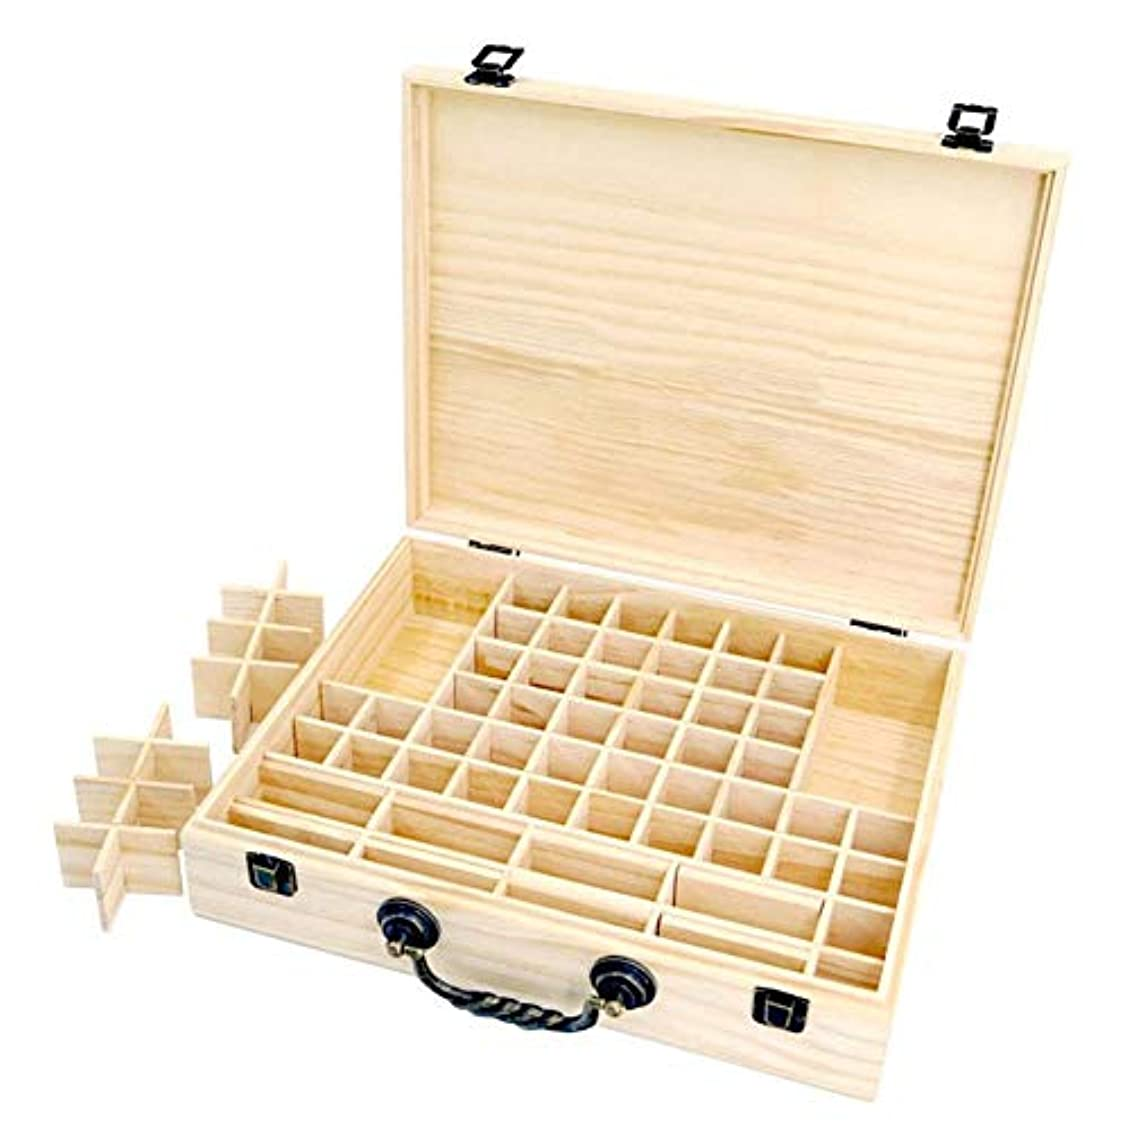 禁止皮肉物足りないエッセンシャルオイル収納ボックス 収納ケース 保存ボックス パイン製 取り外し可能なメッシュ 70グリッド 持ち運び便利 junexi